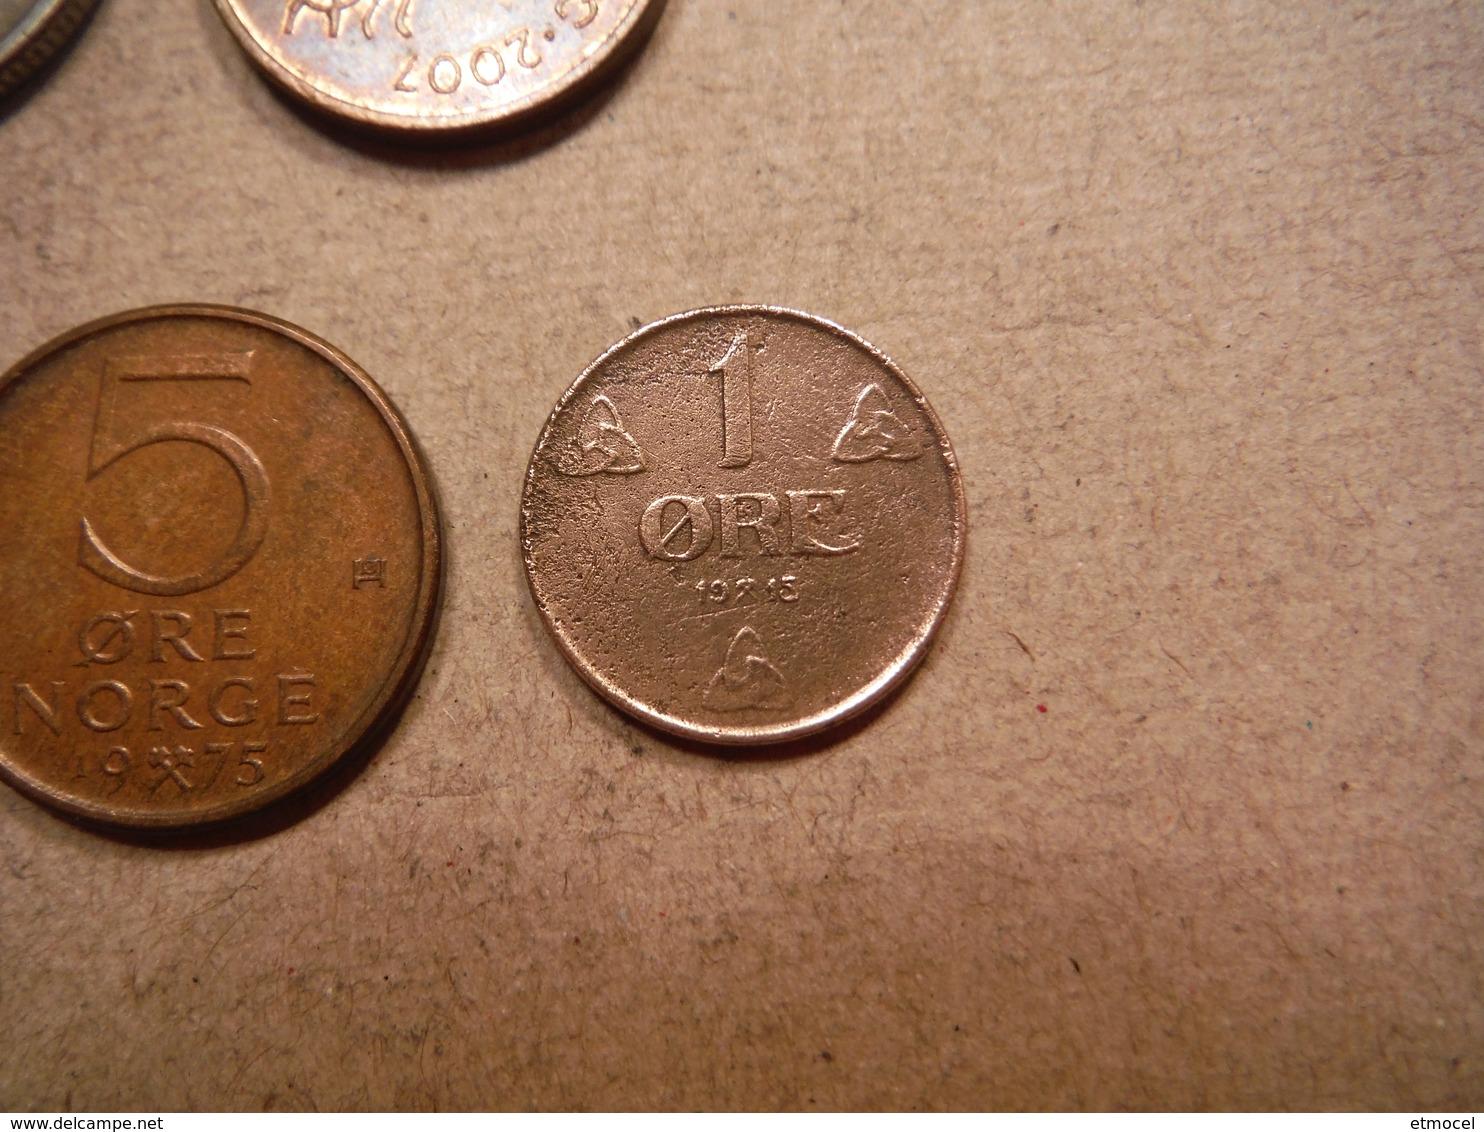 P8     Krone Et Ore - 1915 à 2007 - Norvège